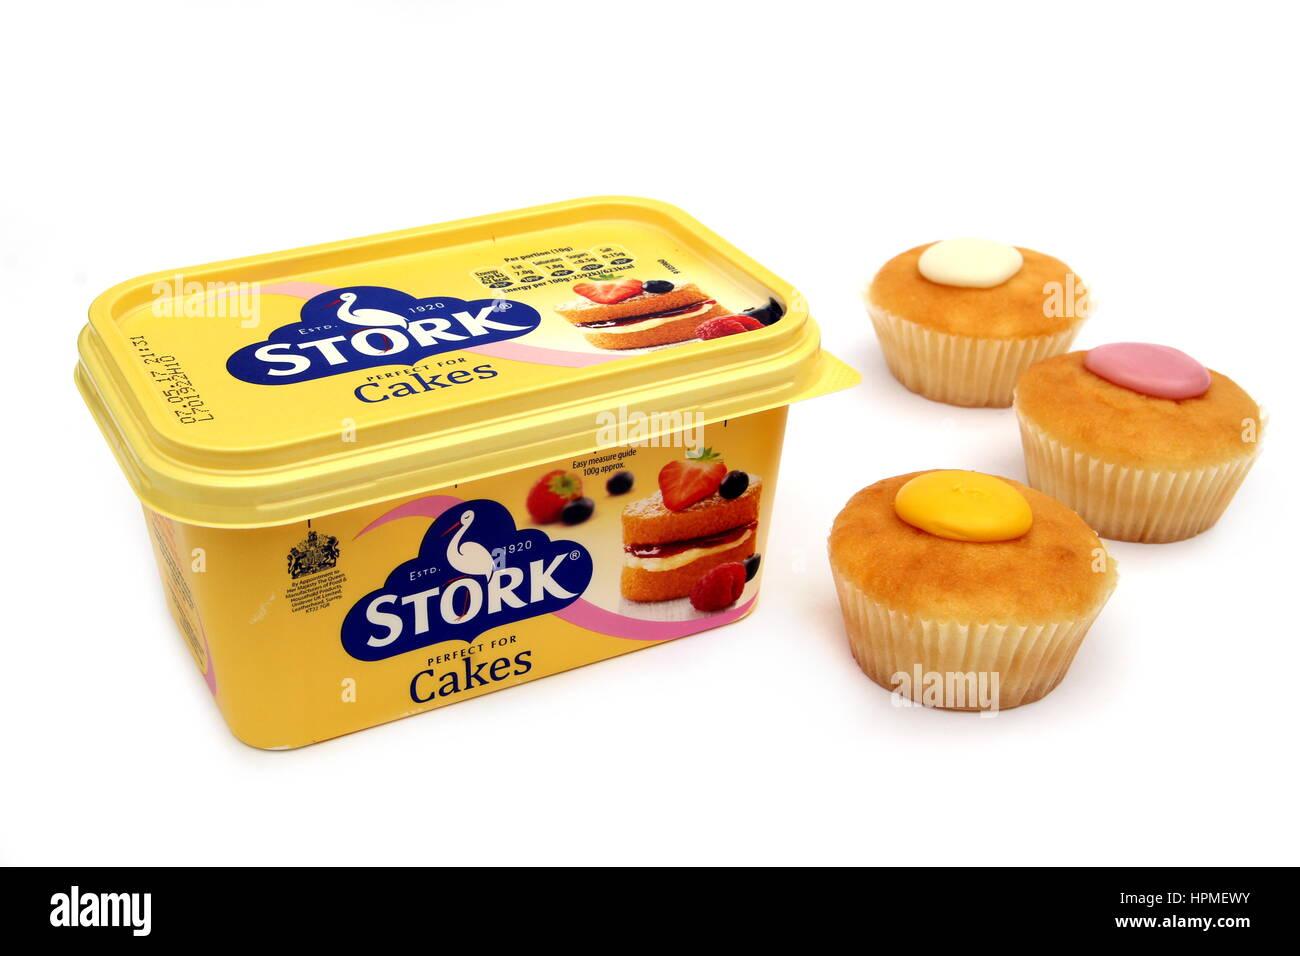 Stork Margarine Cakes